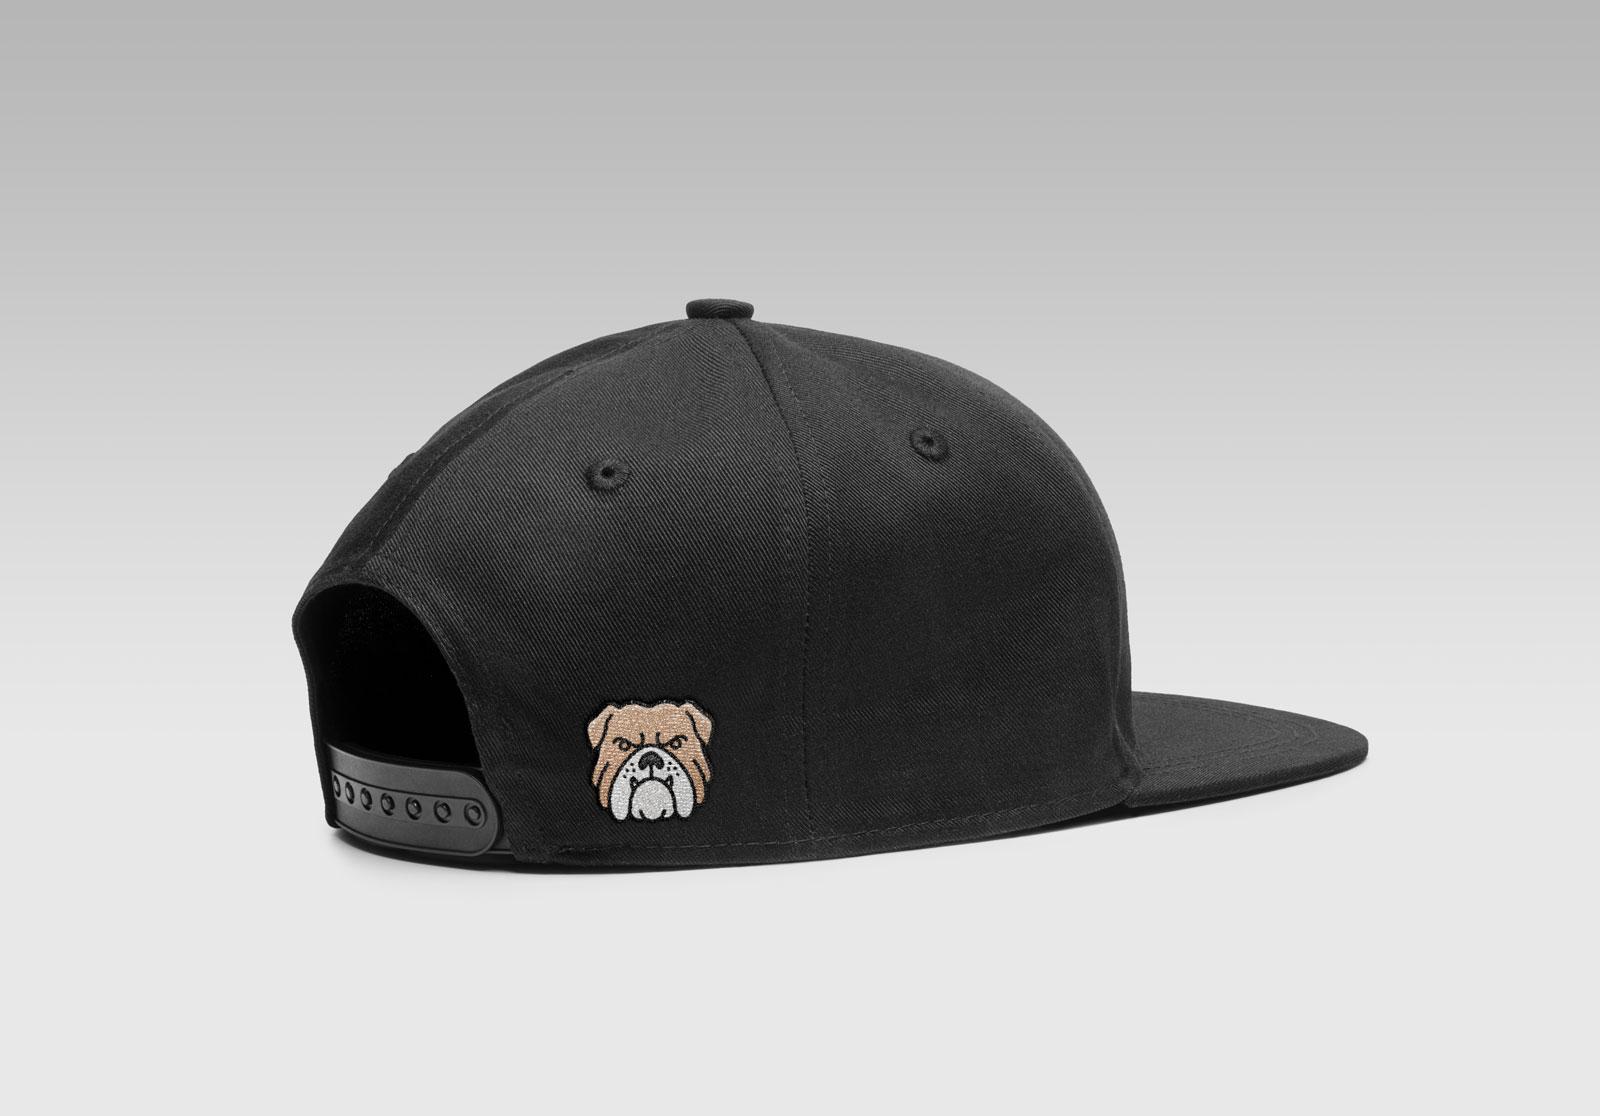 Free-Snapback-Men's-Cap-Mockup-PSD-With-Woven-Logo-3